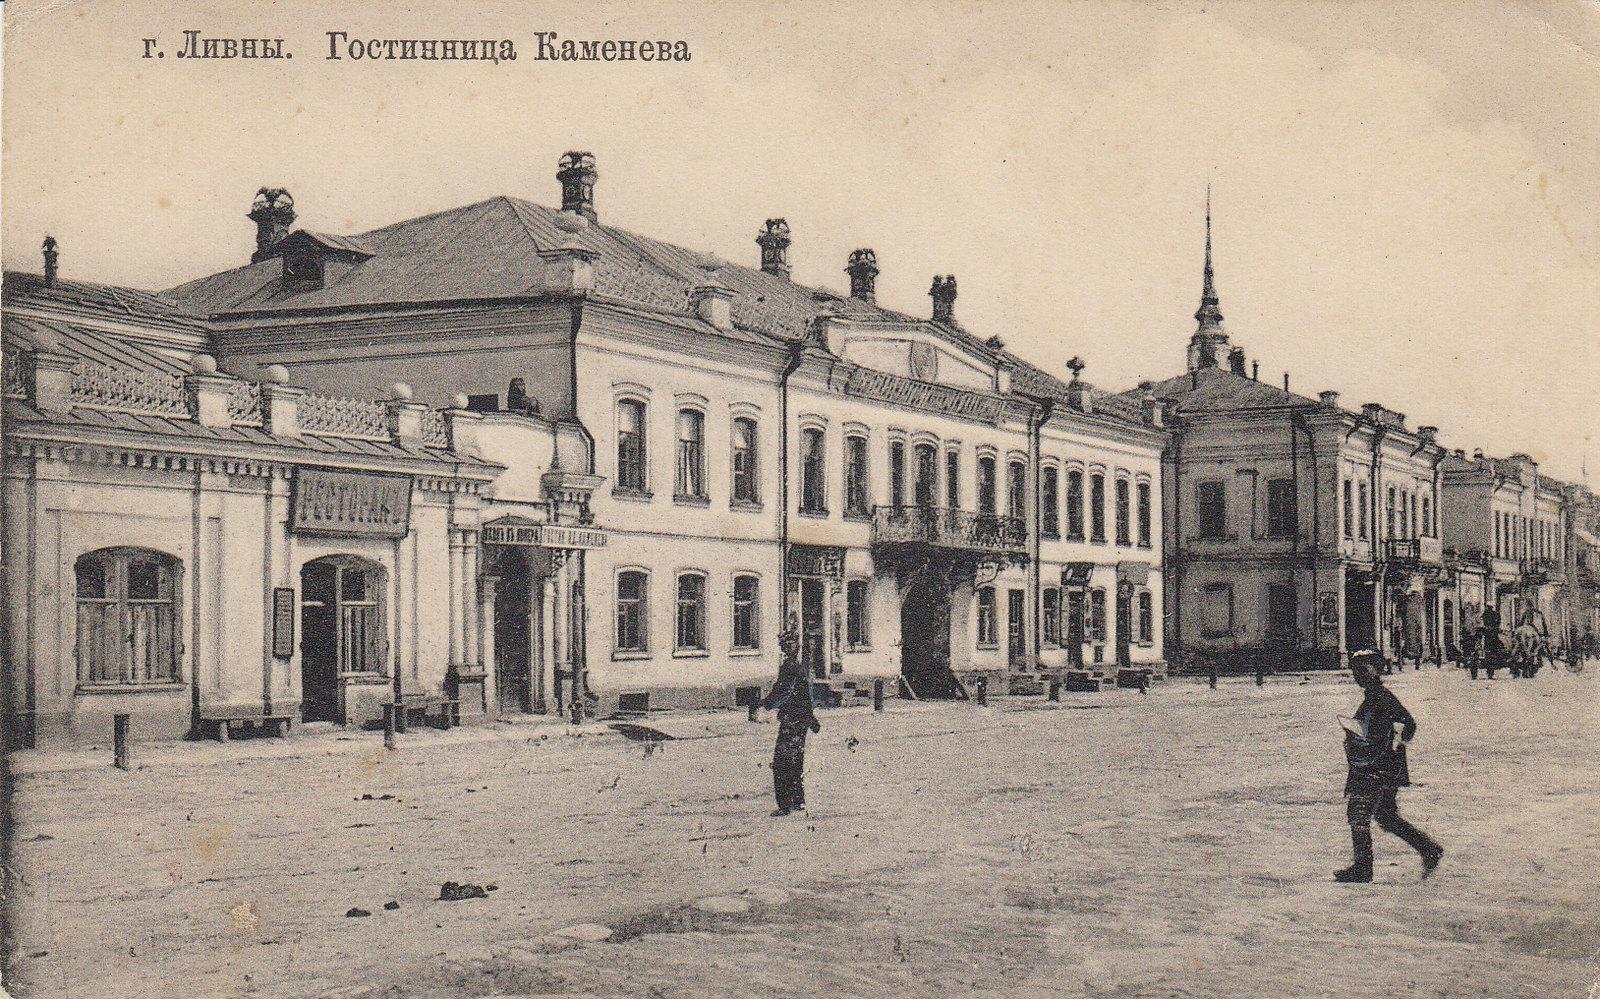 Гостиница Ккаменева